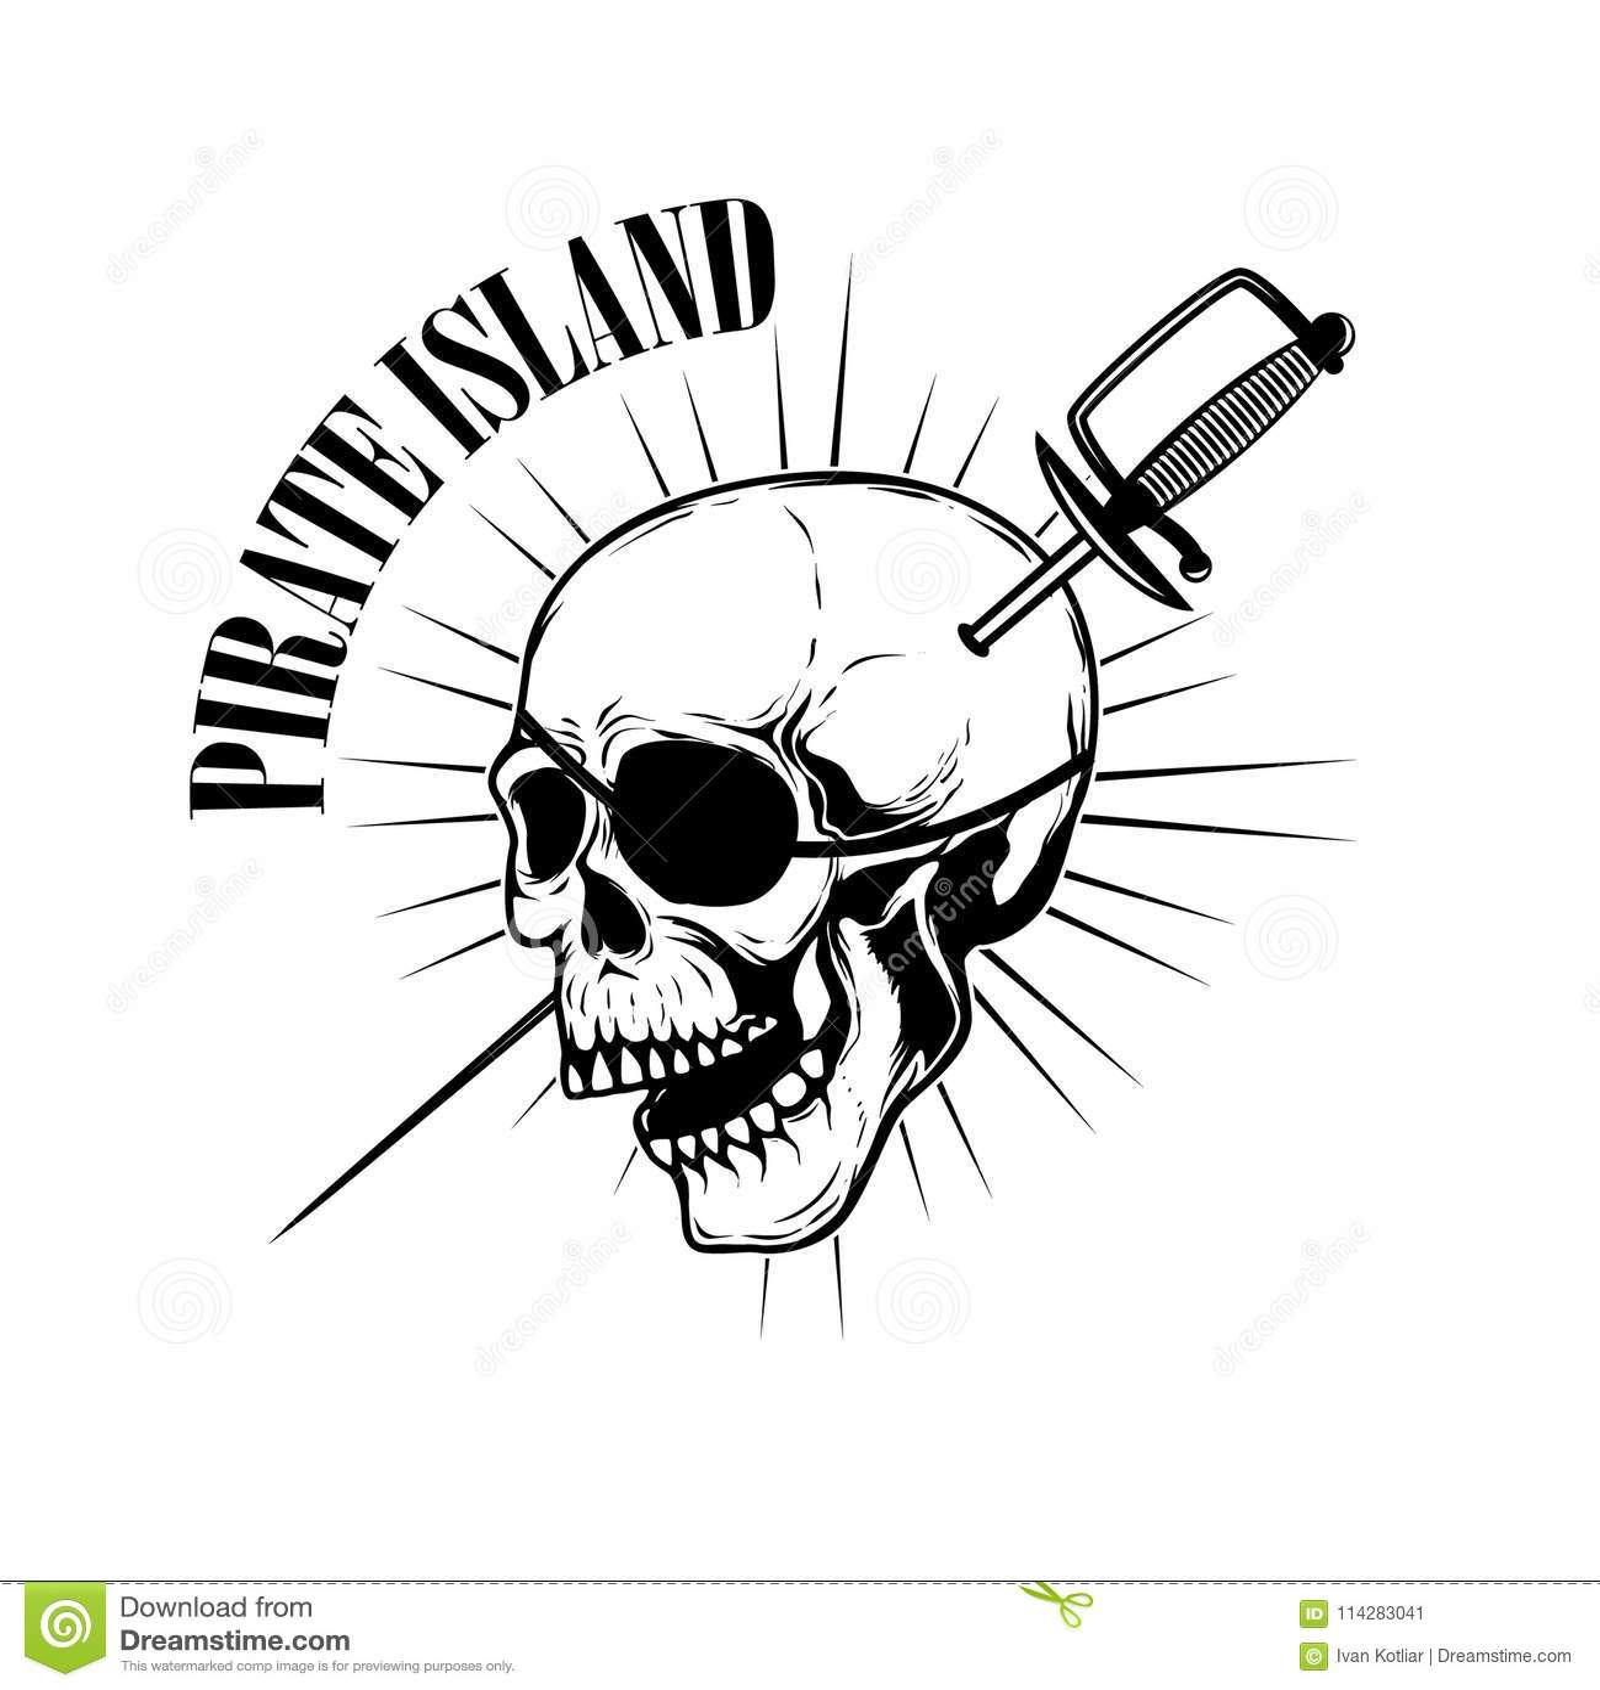 Vistoso Plantillas De Piratas Ideas - Colección De Plantillas De ...